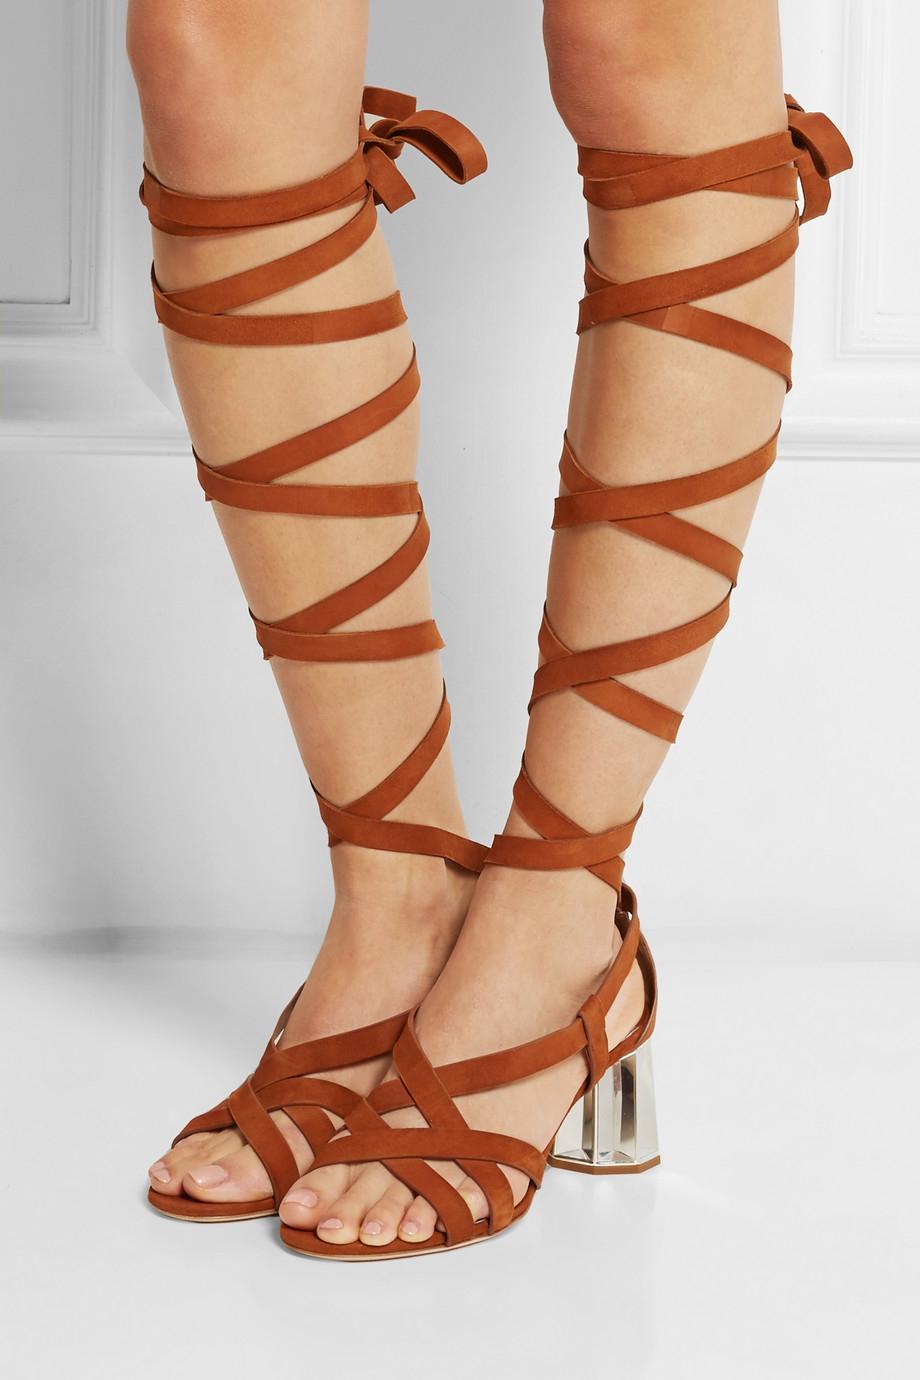 Miu Miu Black Suede Lace-Up Sandals BfptYckX1o